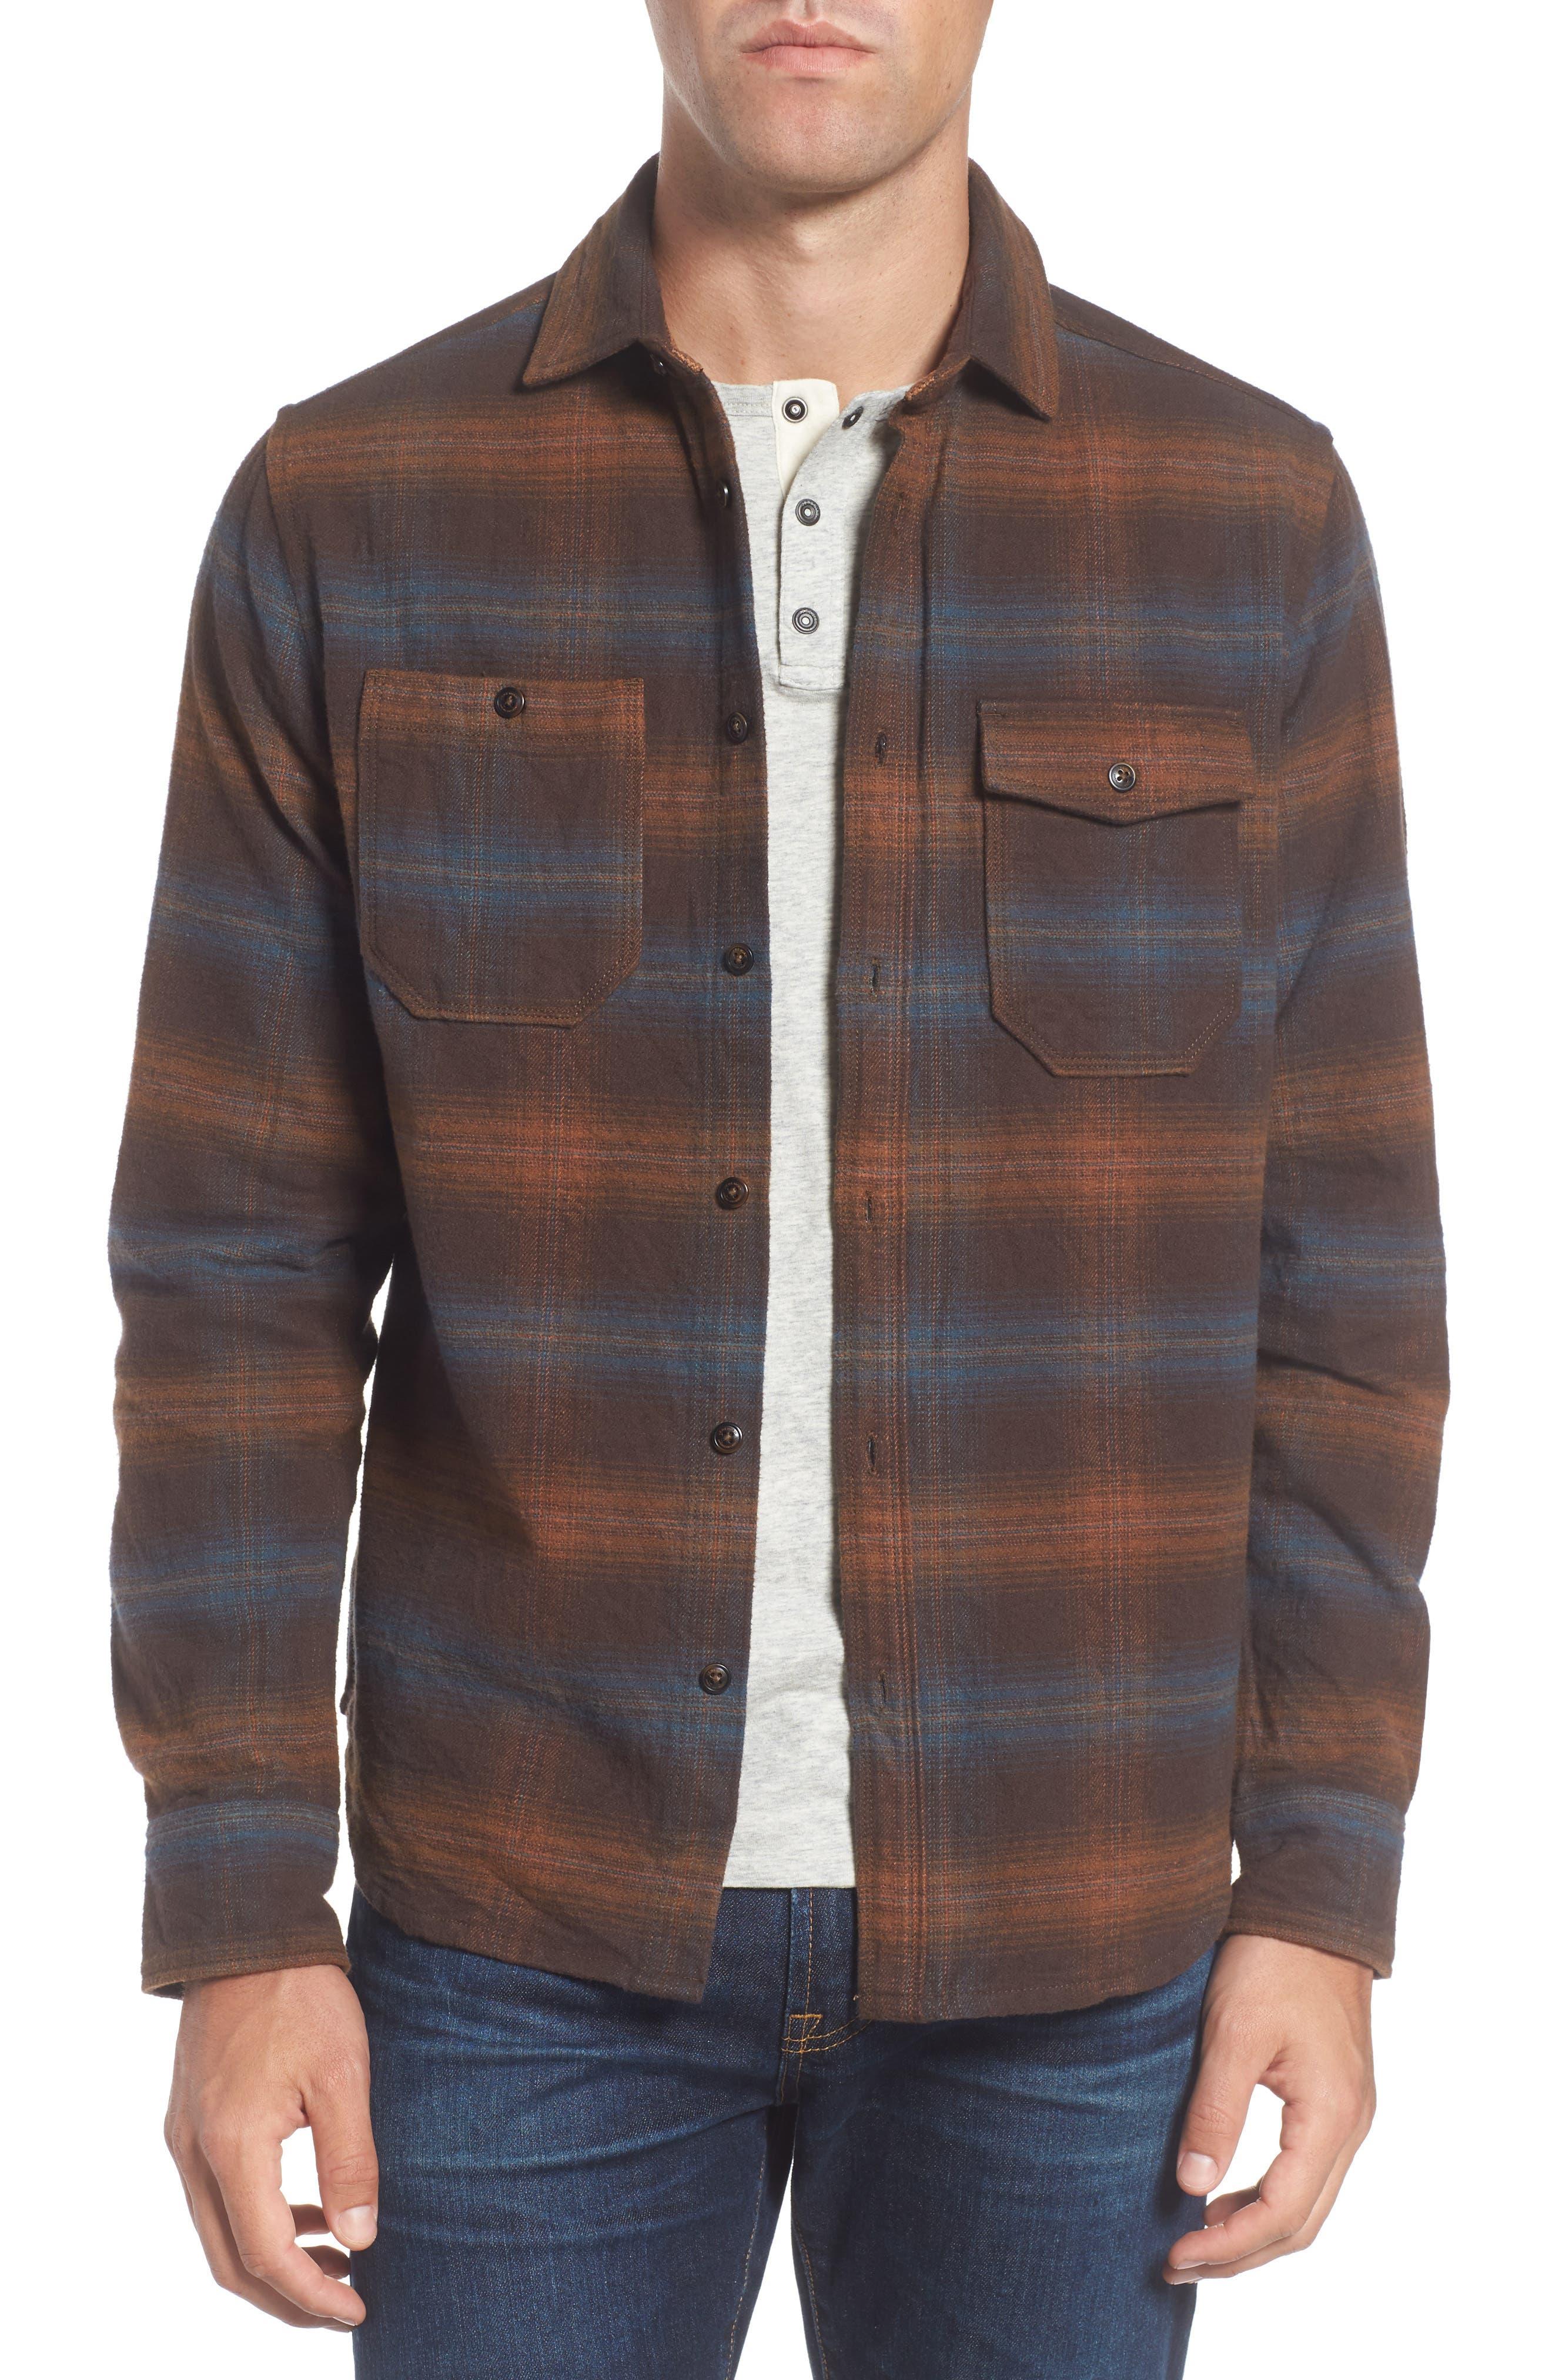 Alternate Image 1 Selected - Jeremiah Canyon Plaid Brushed Twill Shirt